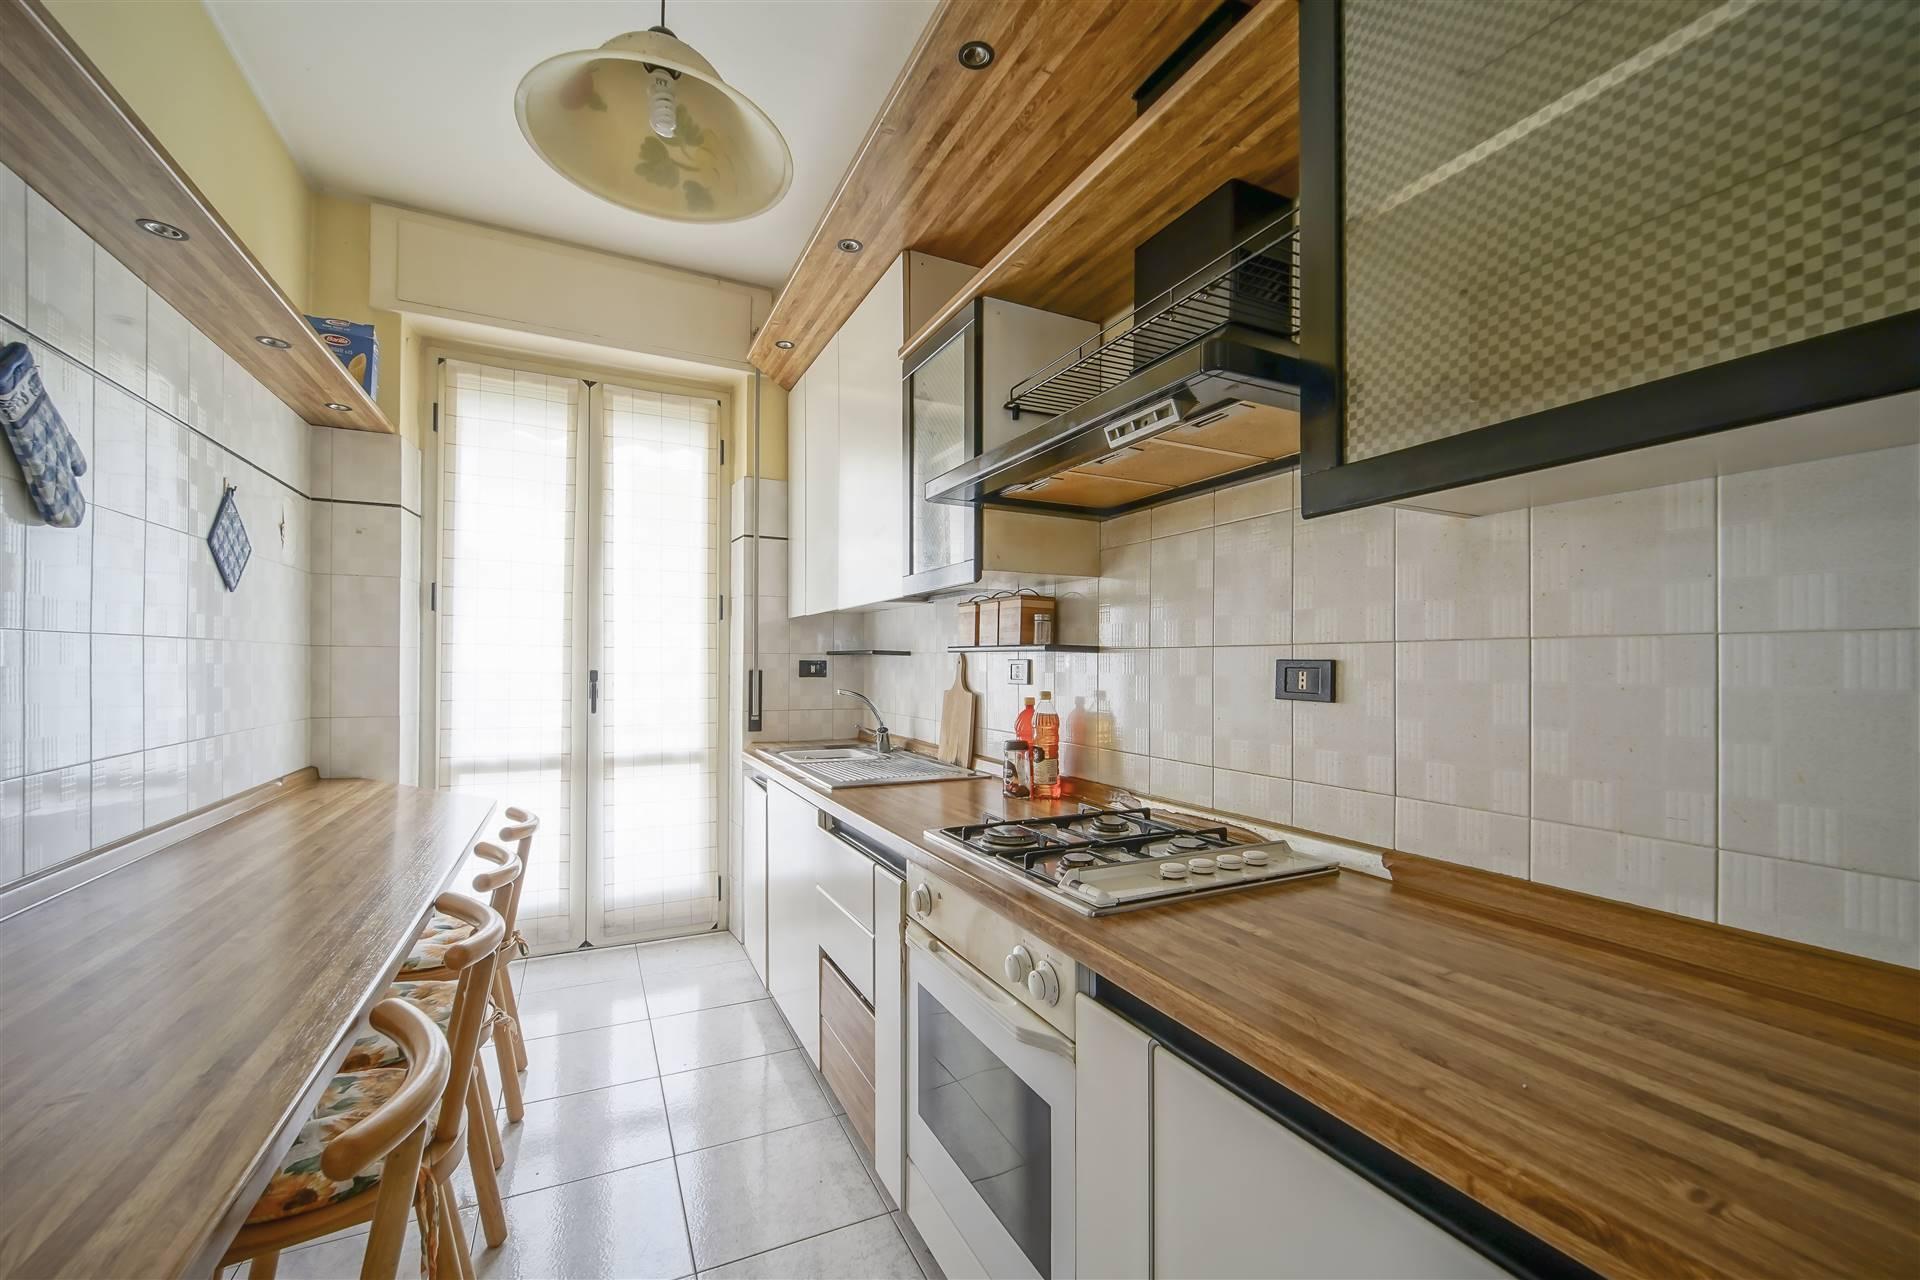 Appartamento in vendita a Lecco, 3 locali, zona Località: ZONA TURATI, prezzo € 185.000 | CambioCasa.it